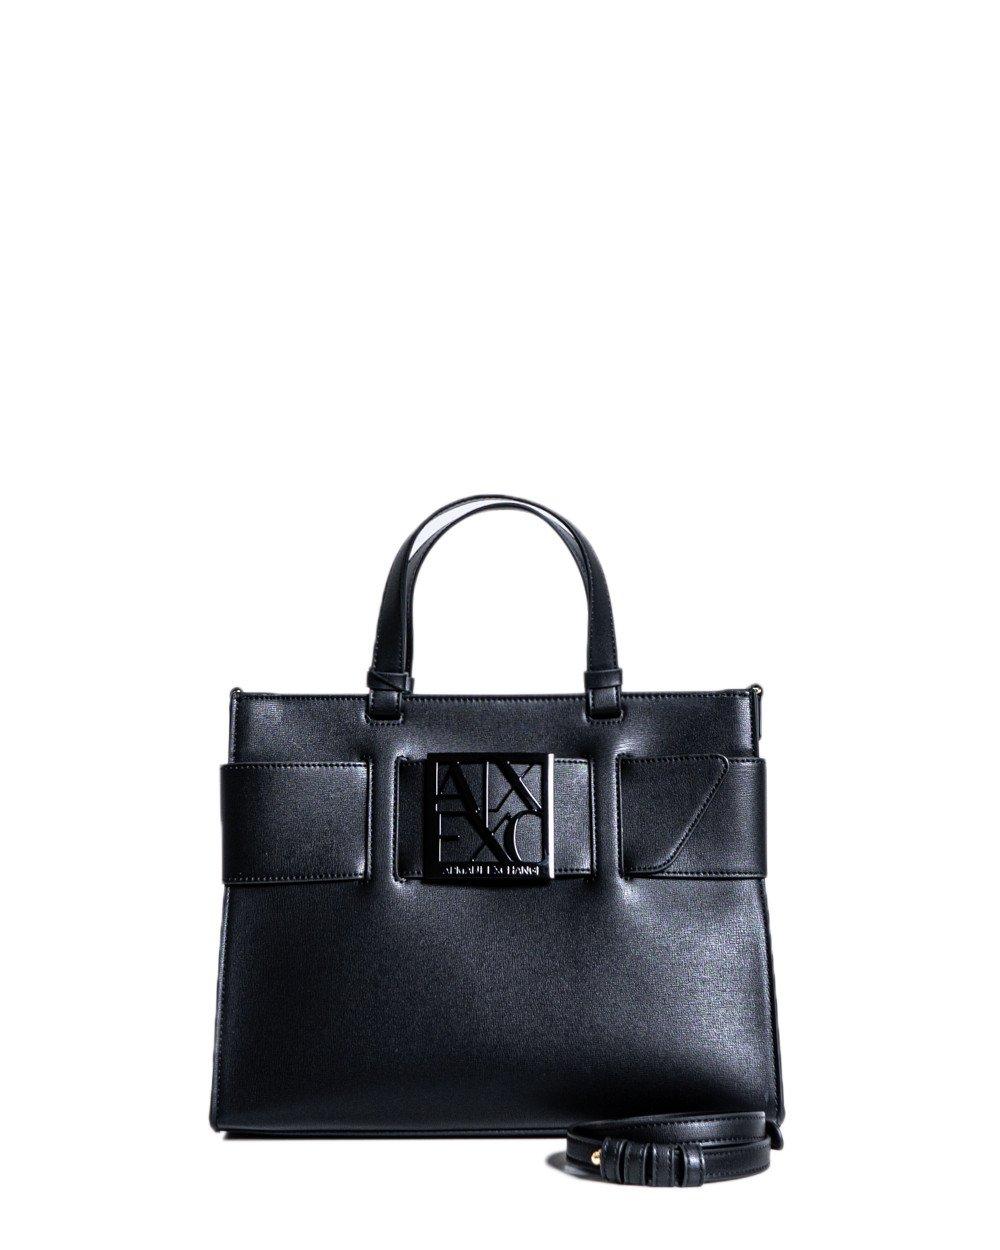 Armani Exchange Women's Wallet Black 254617 - black-1 UNICA